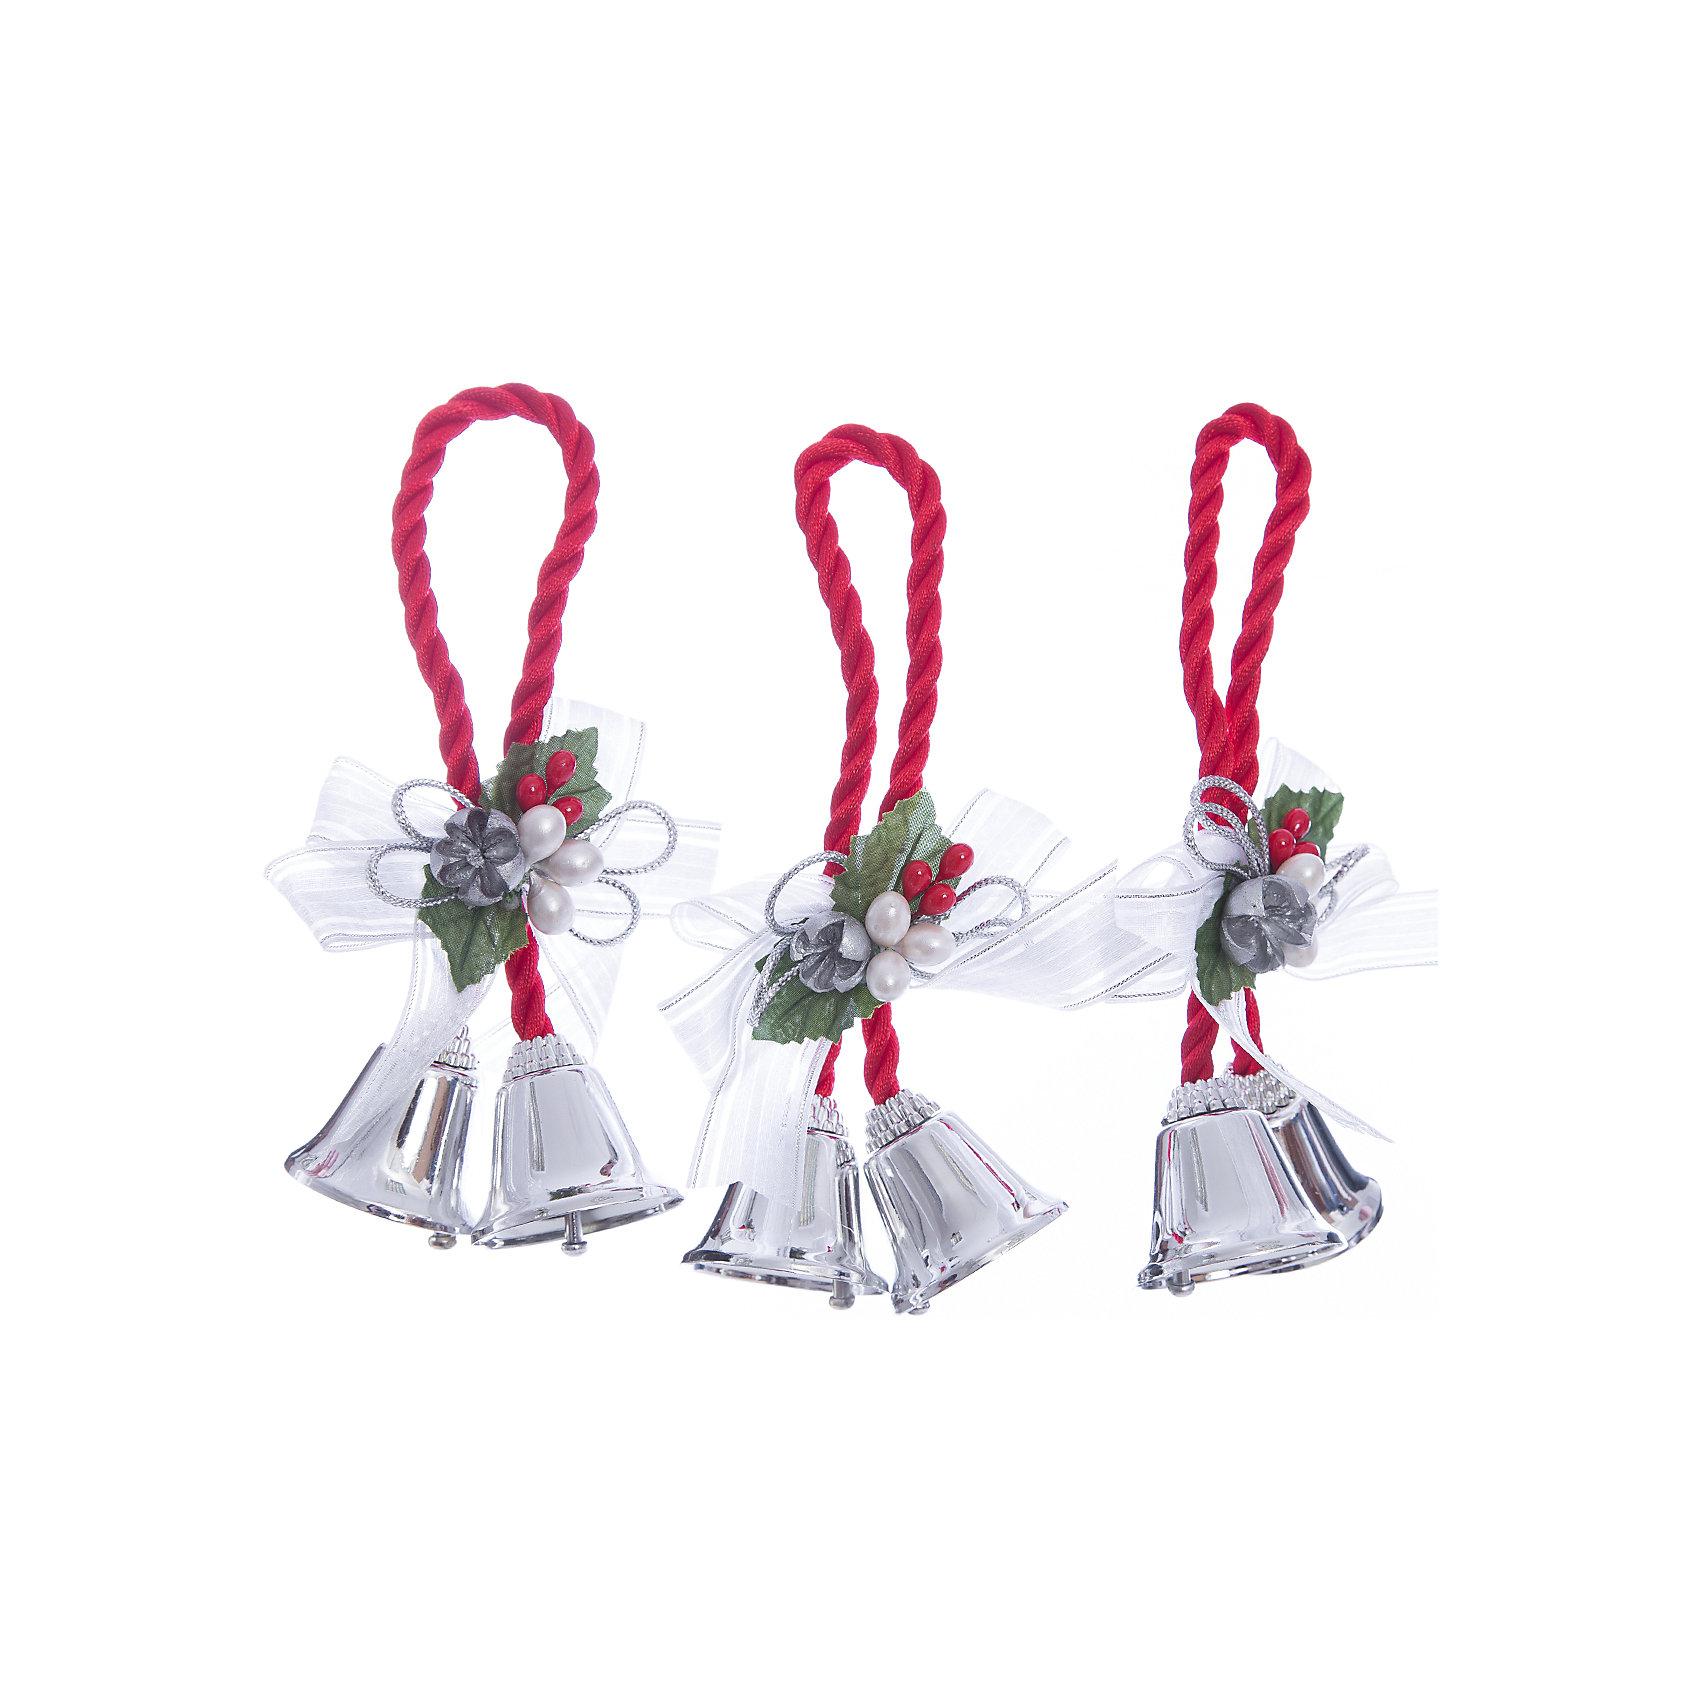 Украшение Серебряные колокольчики с белым бантикомУкрашение Серебряные колокольчики с белым бантиком, Феникс-Презент, замечательно дополнит наряд Вашей новогодней елки и поможет создать праздничную волшебную атмосферу. Украшение выполнено в виде связки из двух серебряных колокольчиков и декорировано нарядным бантиком, бусинками и ягодками, оно будет чудесно смотреться на елке и радовать детей и взрослых. <br><br>Дополнительная информация:<br><br>- Материал: металл, полиэстер.<br>- Размер украшения: 10,2 см.<br>- Размер упаковки: 2 x 13 x 19 см.<br>- Вес: 43 гр.<br><br>Украшение Серебряные колокольчики с белым бантиком, Феникс-Презент, можно купить в нашем интернет-магазине.<br><br>Ширина мм: 20<br>Глубина мм: 130<br>Высота мм: 190<br>Вес г: 43<br>Возраст от месяцев: 36<br>Возраст до месяцев: 2147483647<br>Пол: Унисекс<br>Возраст: Детский<br>SKU: 4276555